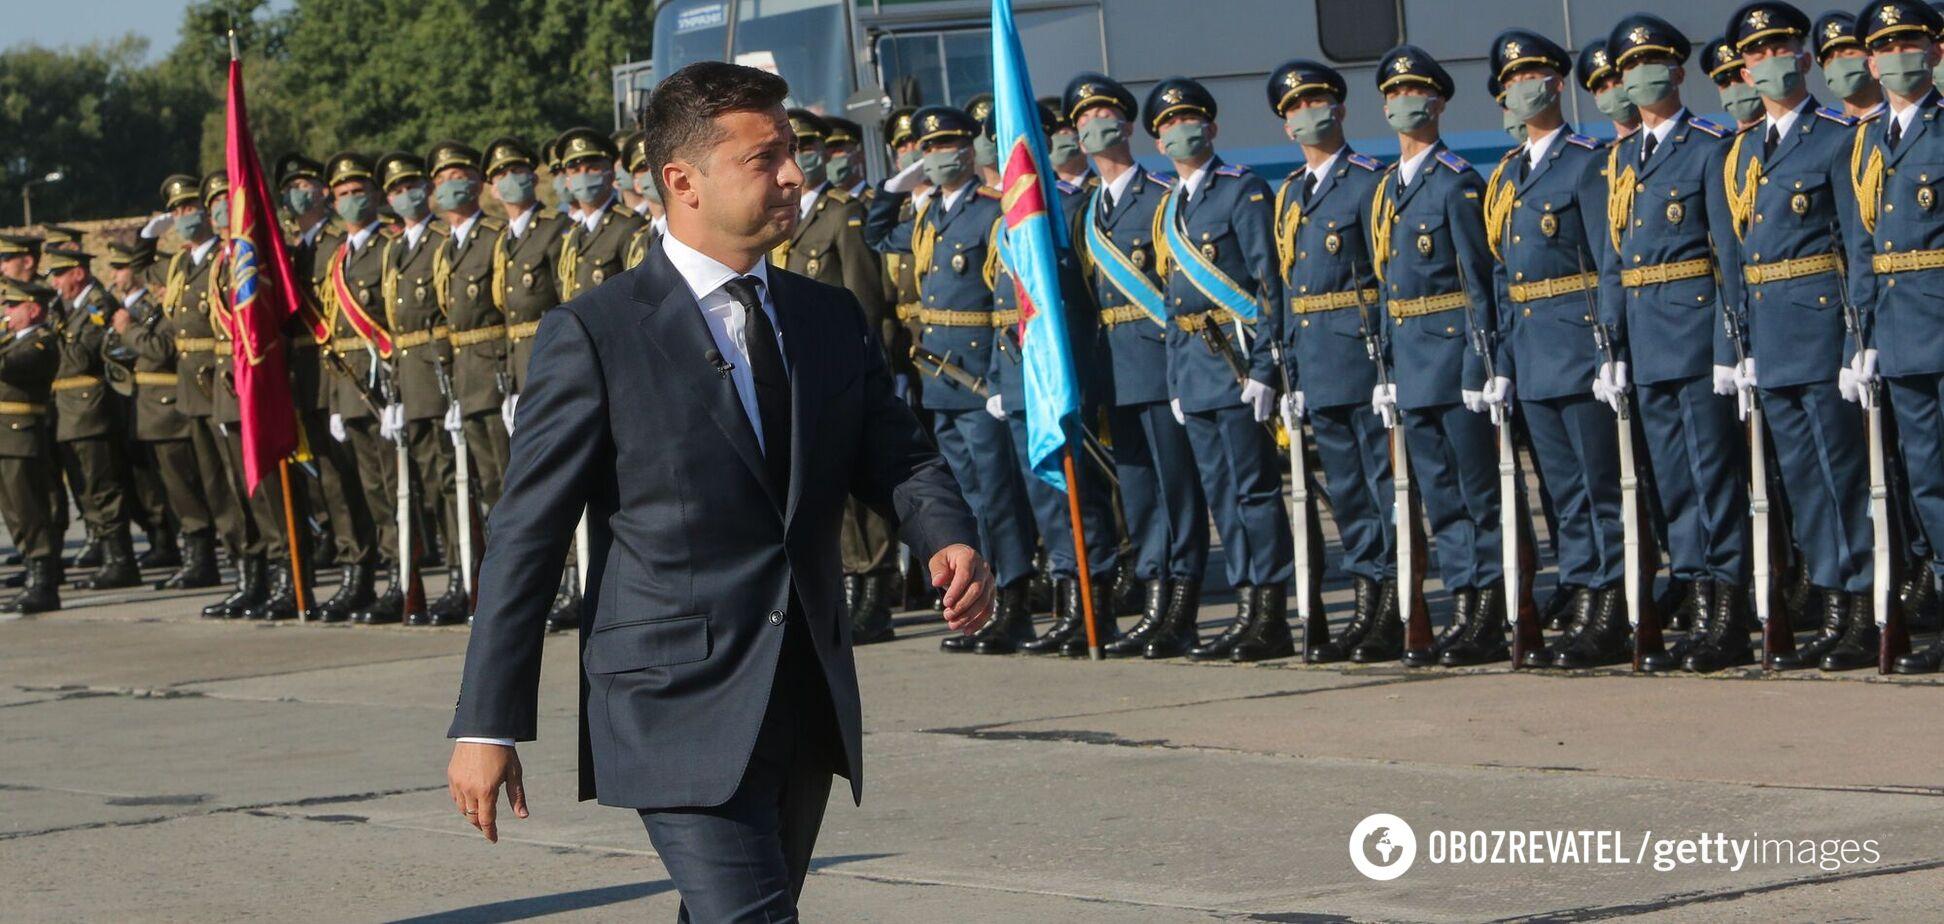 Зеленський визначив військові посади, на які буде призначати особисто